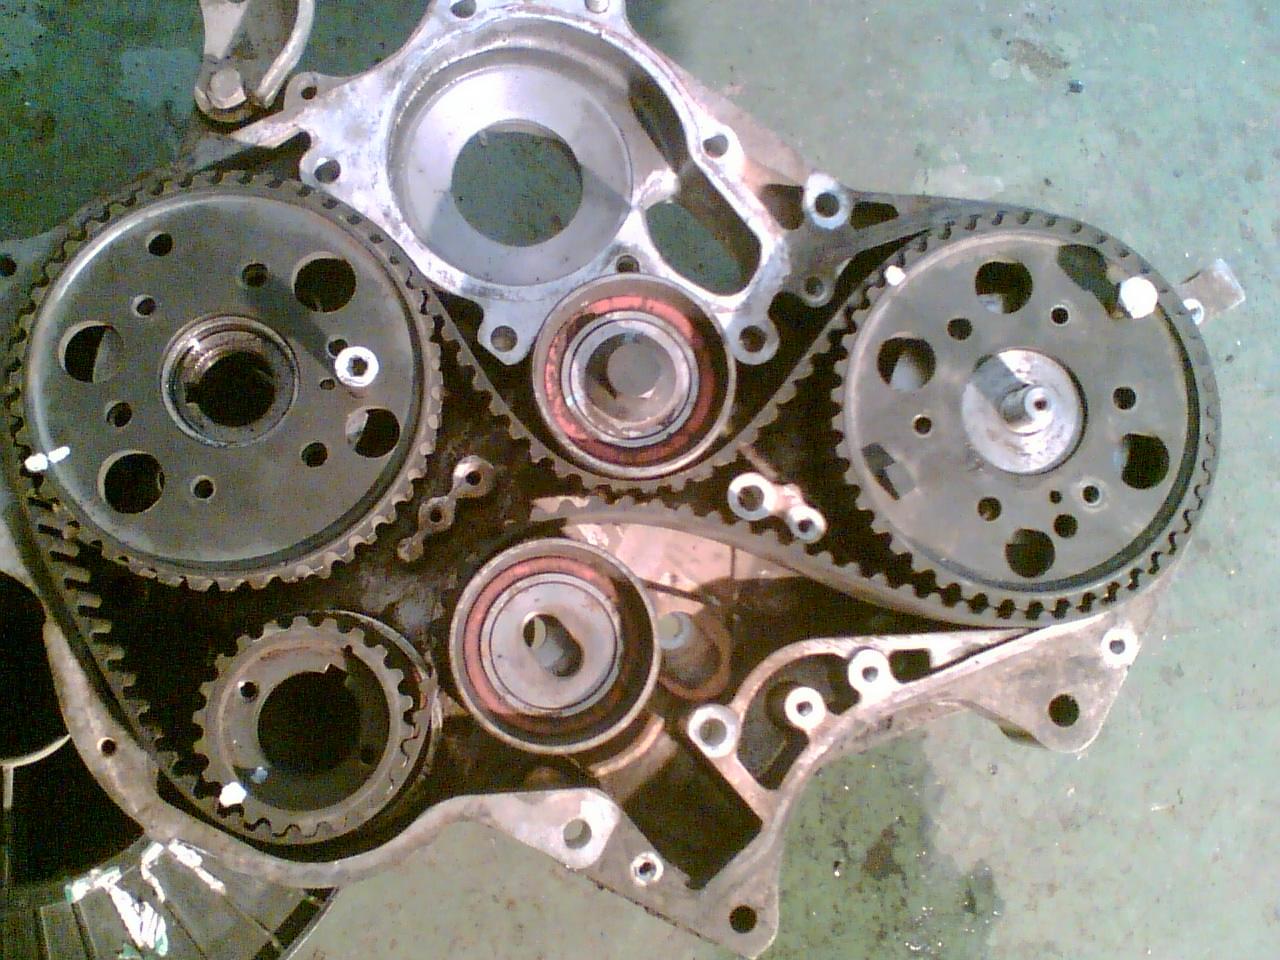 曲轴正时对花键上的记号凸轮轴和油泵按图拧上8mm的螺丝即可